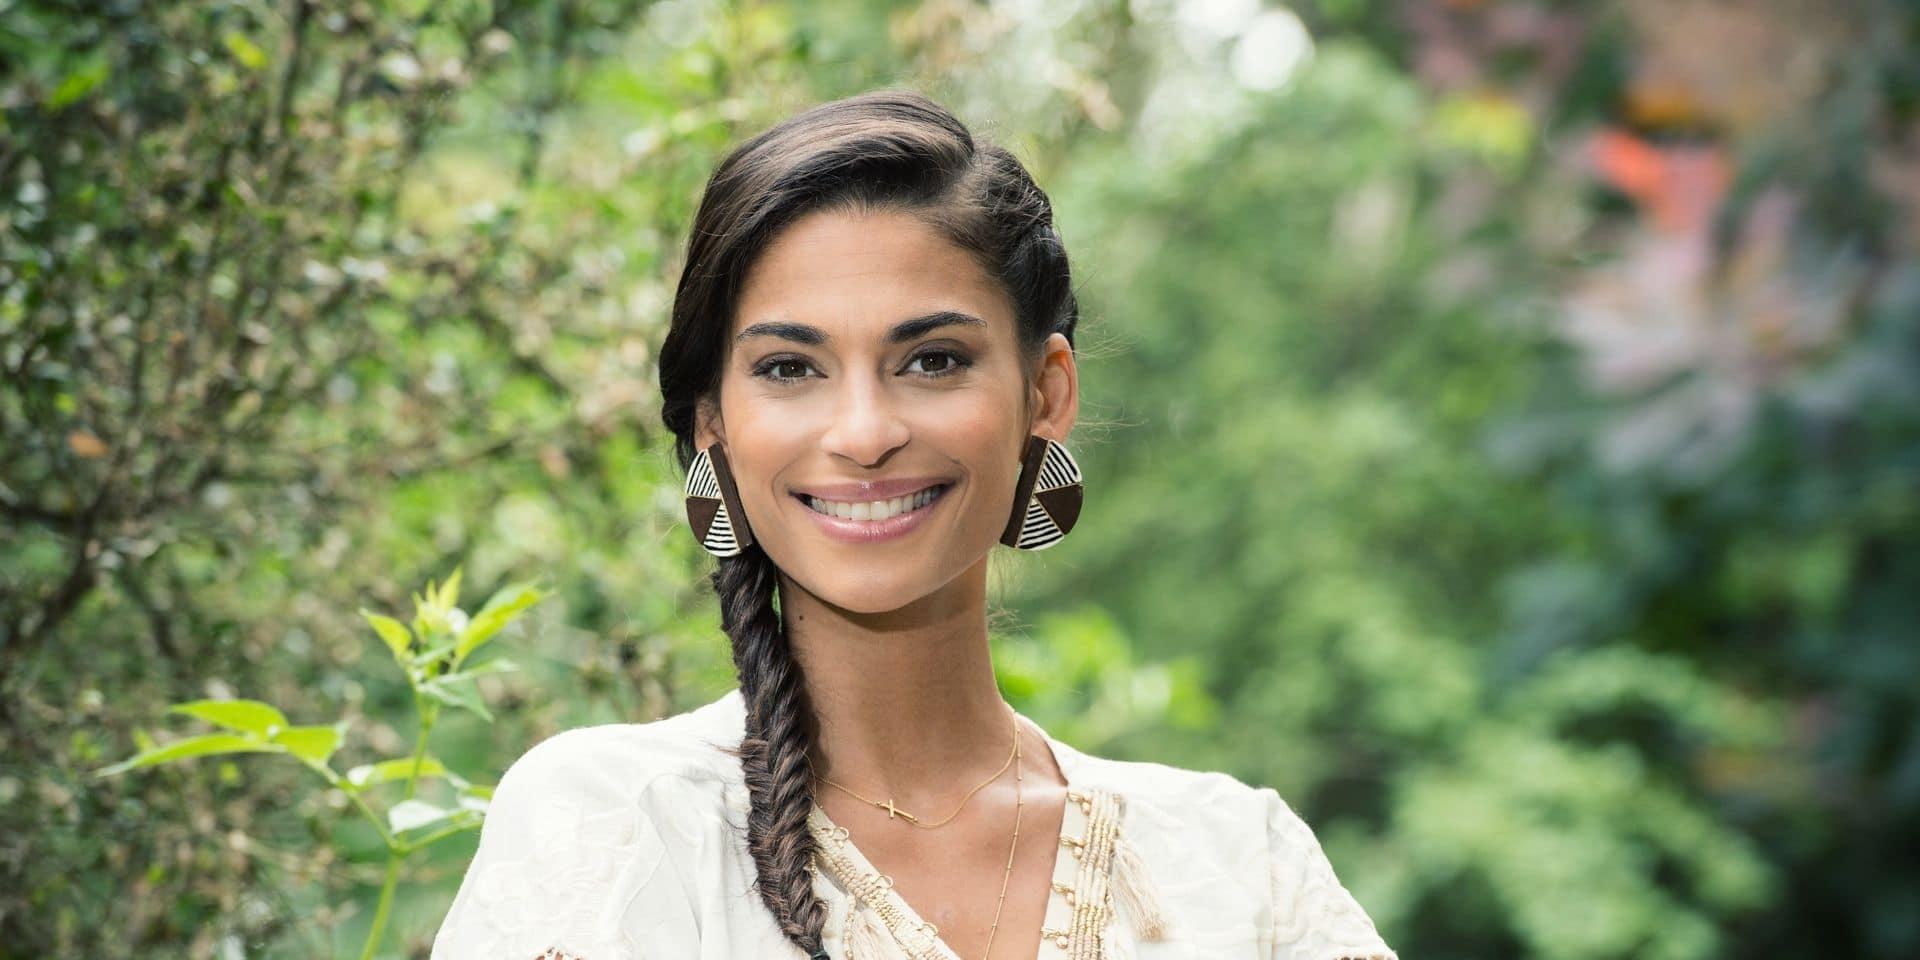 Tatiana Silva rejoint RTL-TVI et présentera un nouveau magazine de société